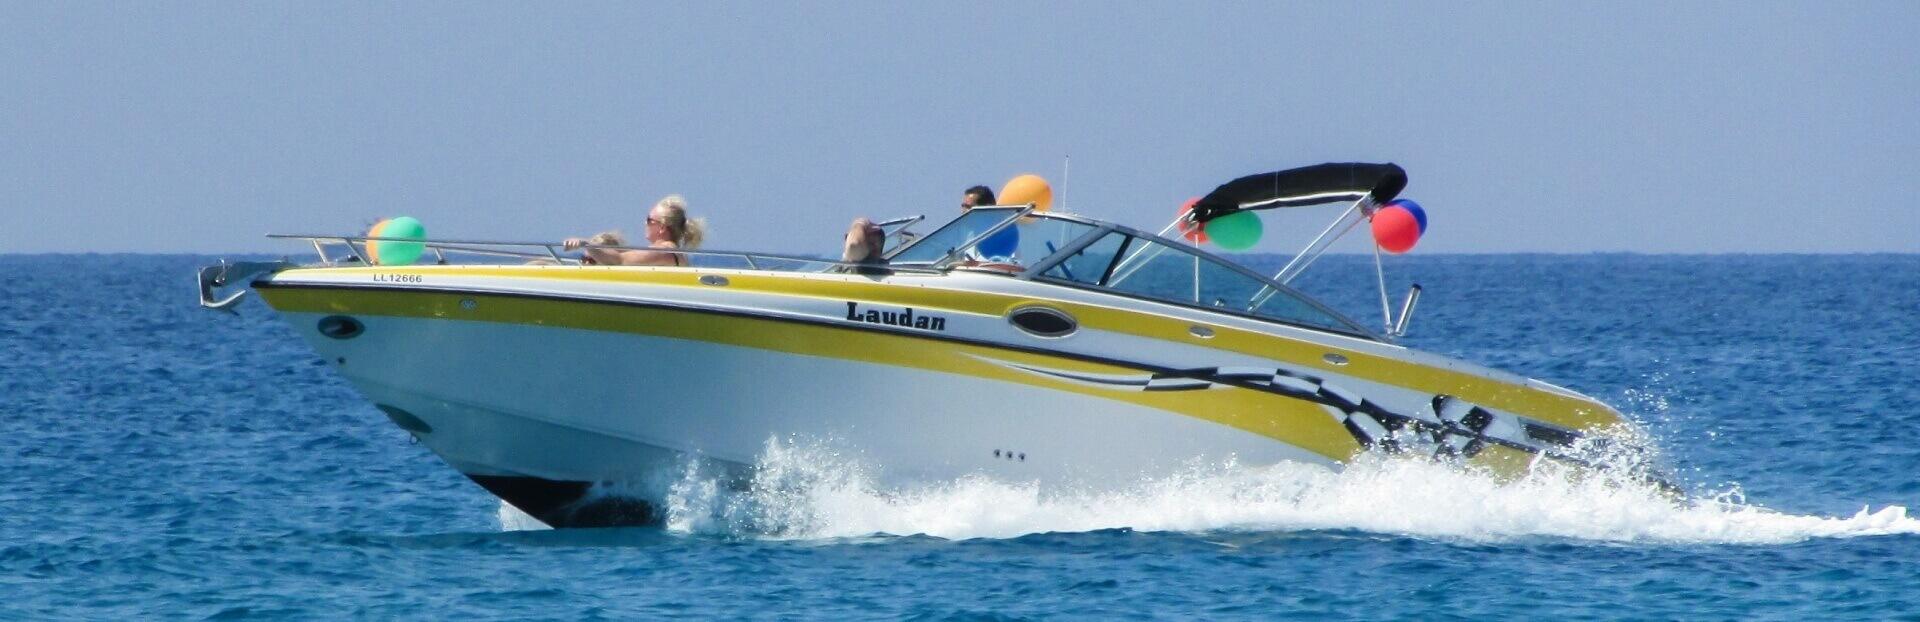 סירה מהירה